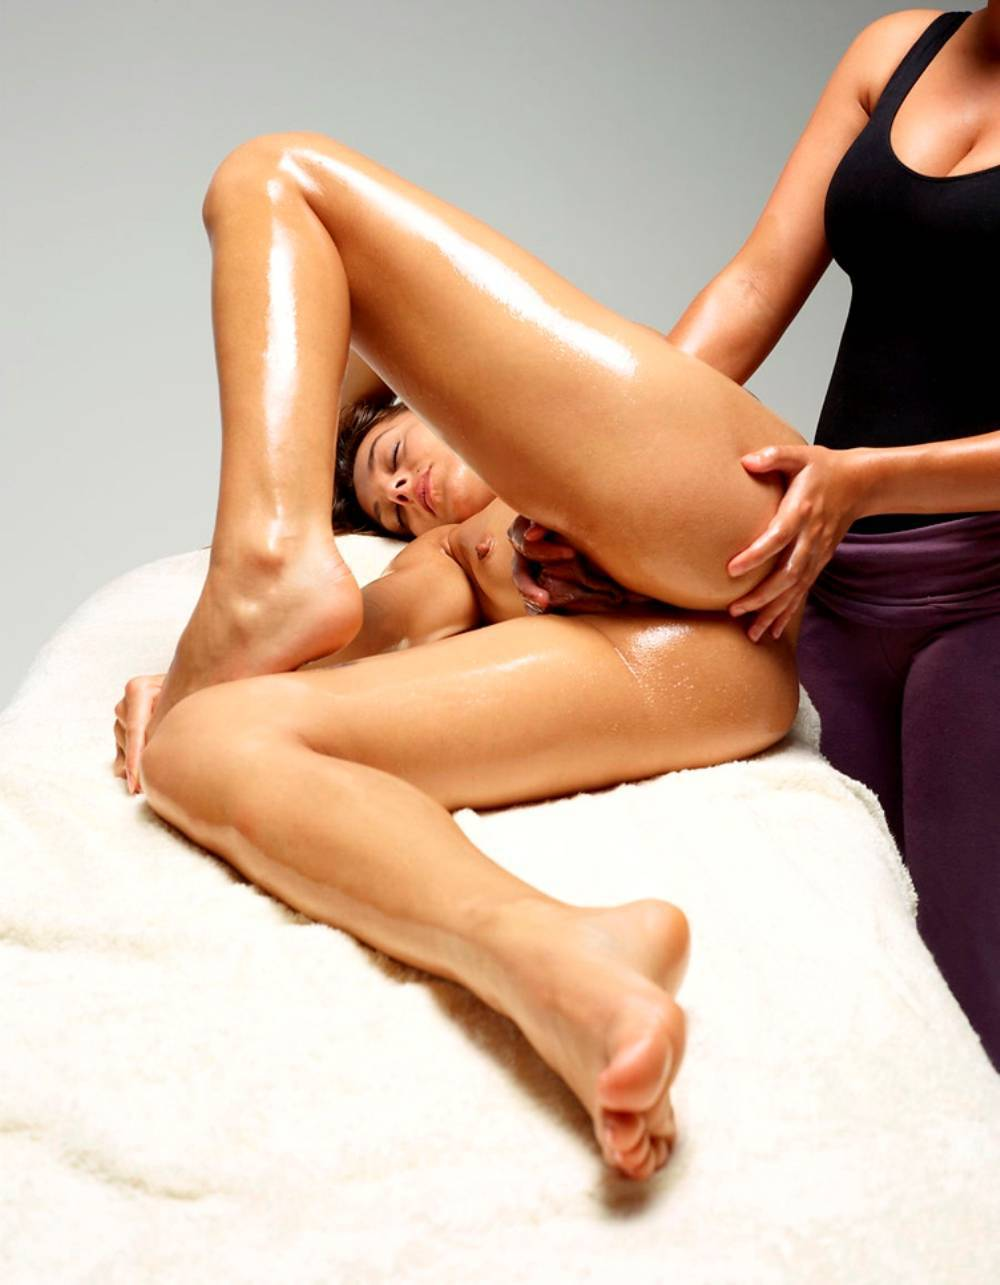 Смотреть лесбийский массаж перешел в секс 19 фотография